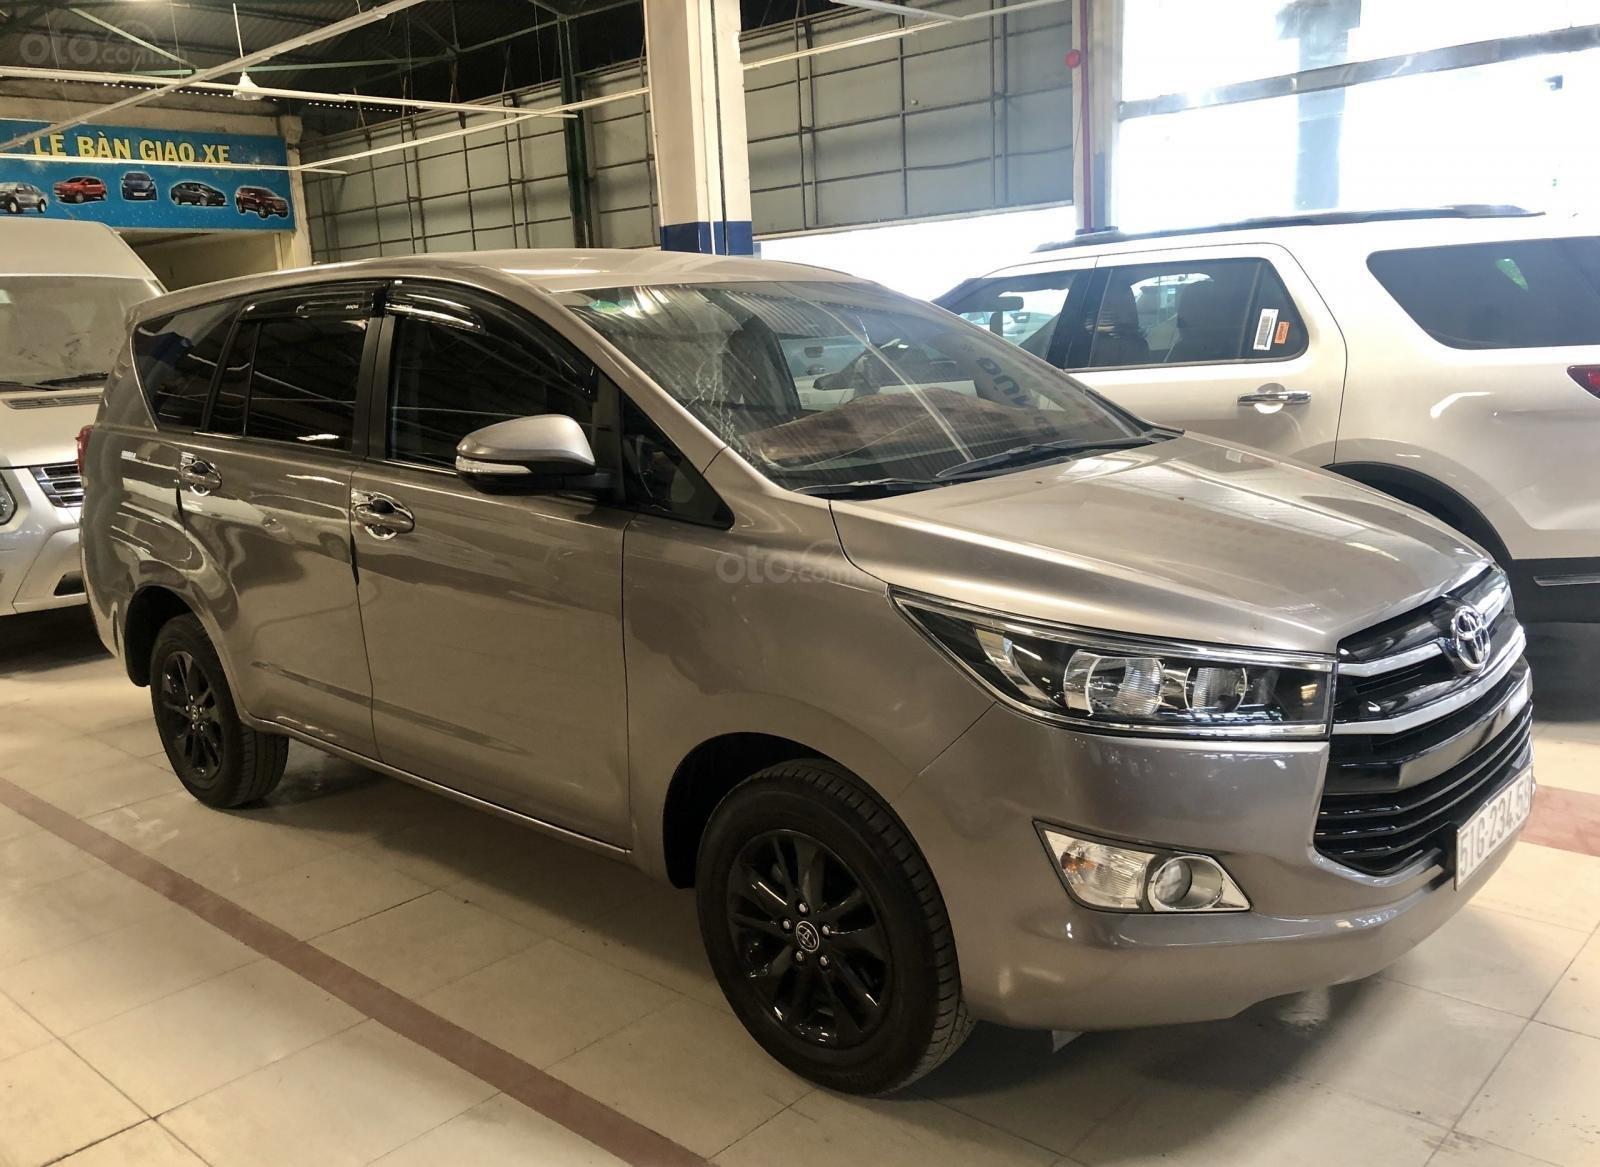 Toyota Innova 2.0E MT 2016, xe bán tại hãng Ford An Lạc-1